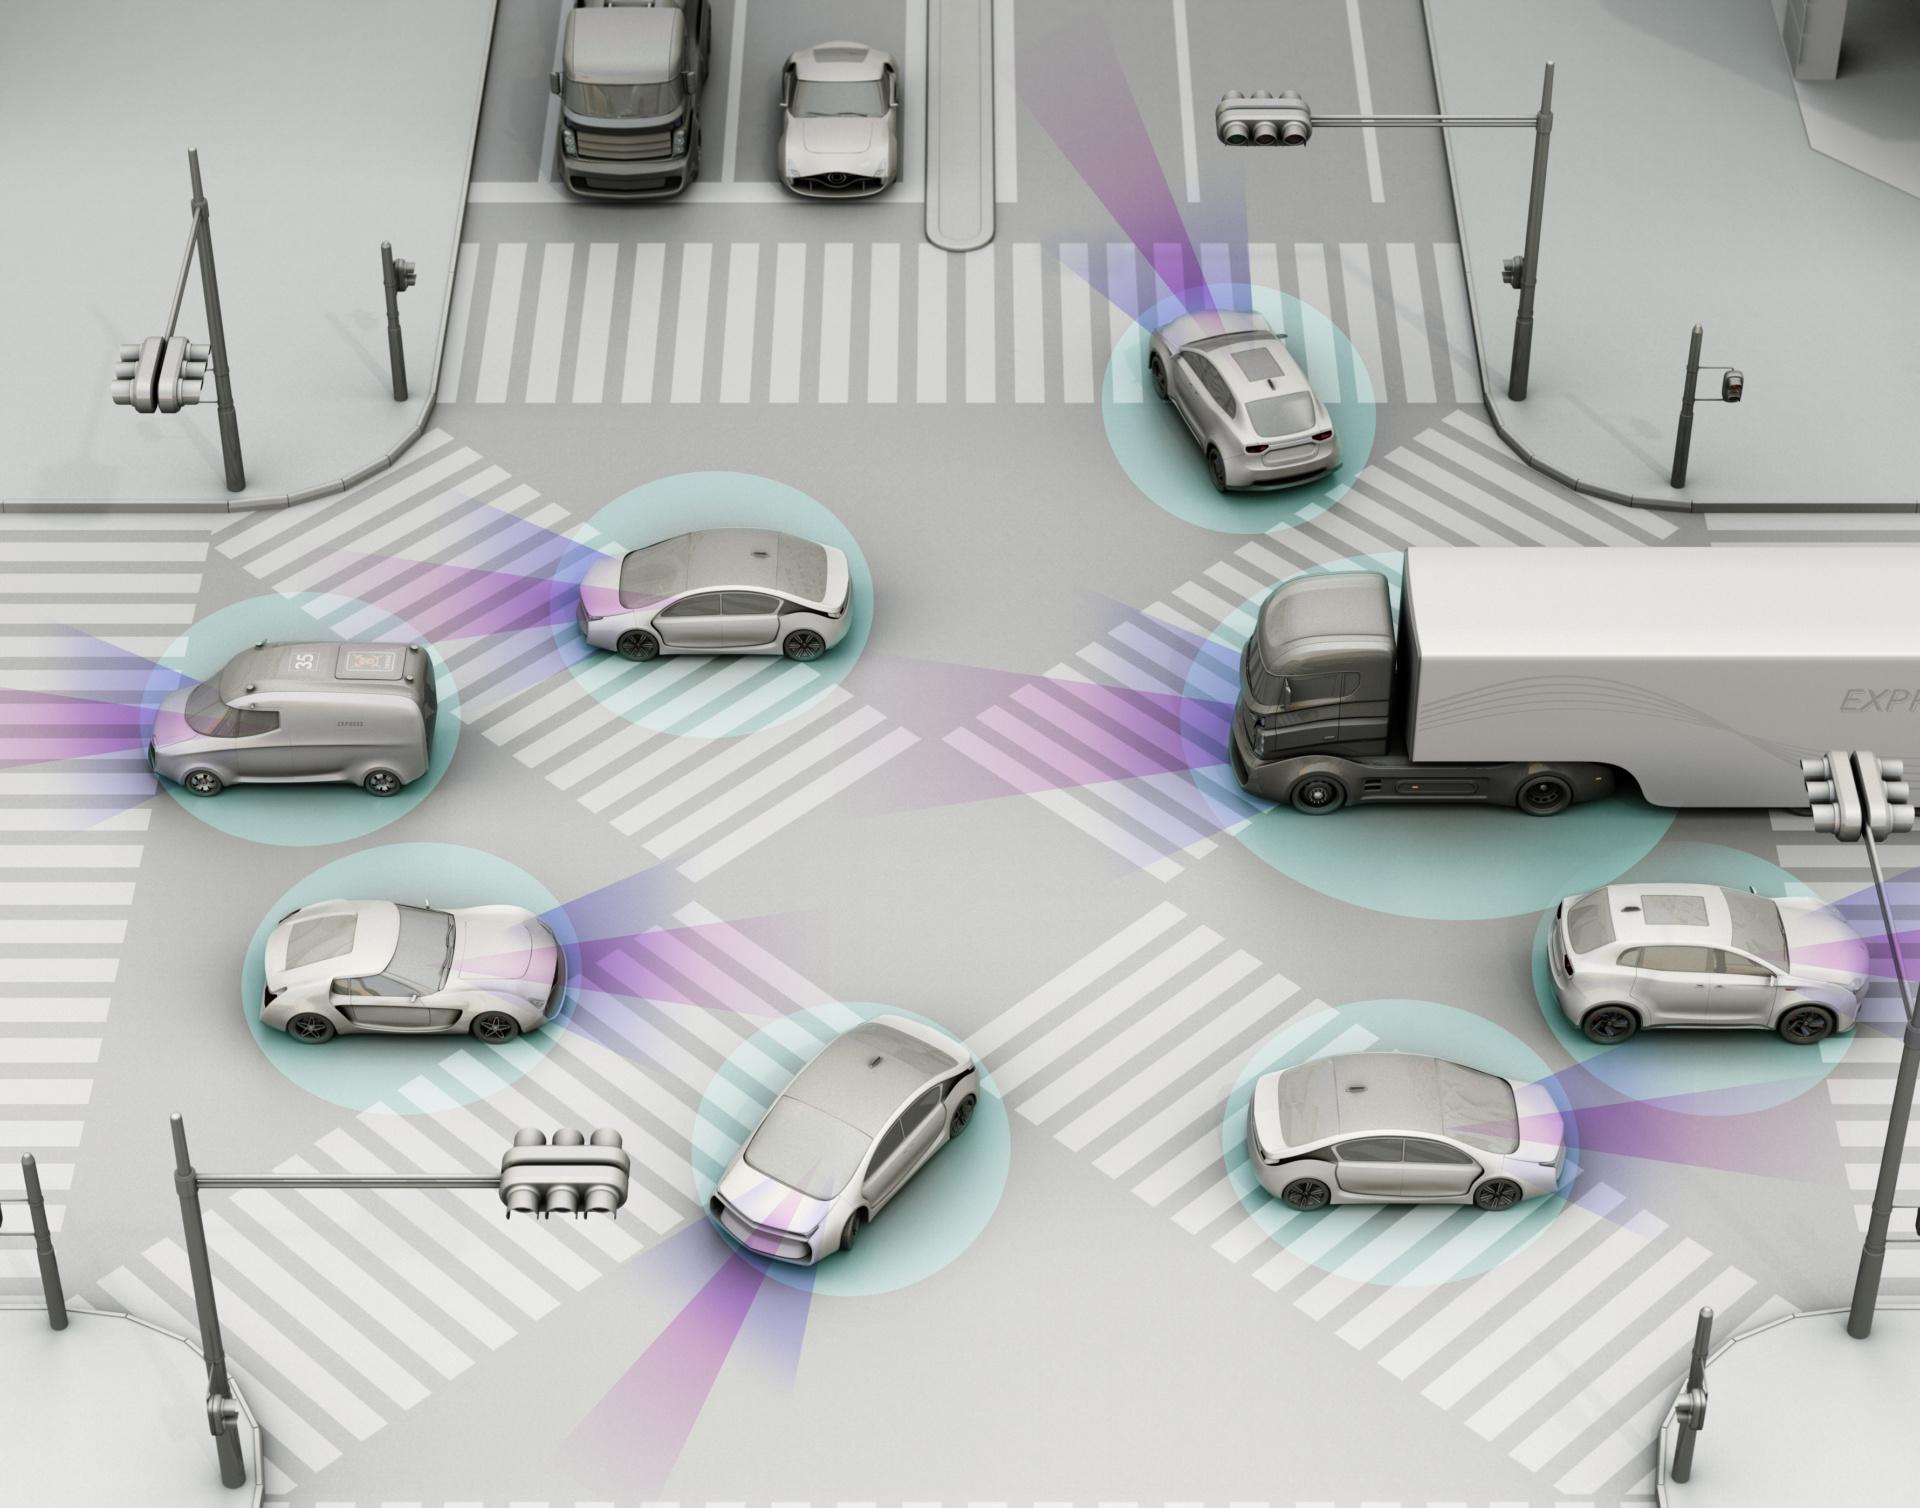 7 Ways Cities Should Prepare for Autonomous Vehicles